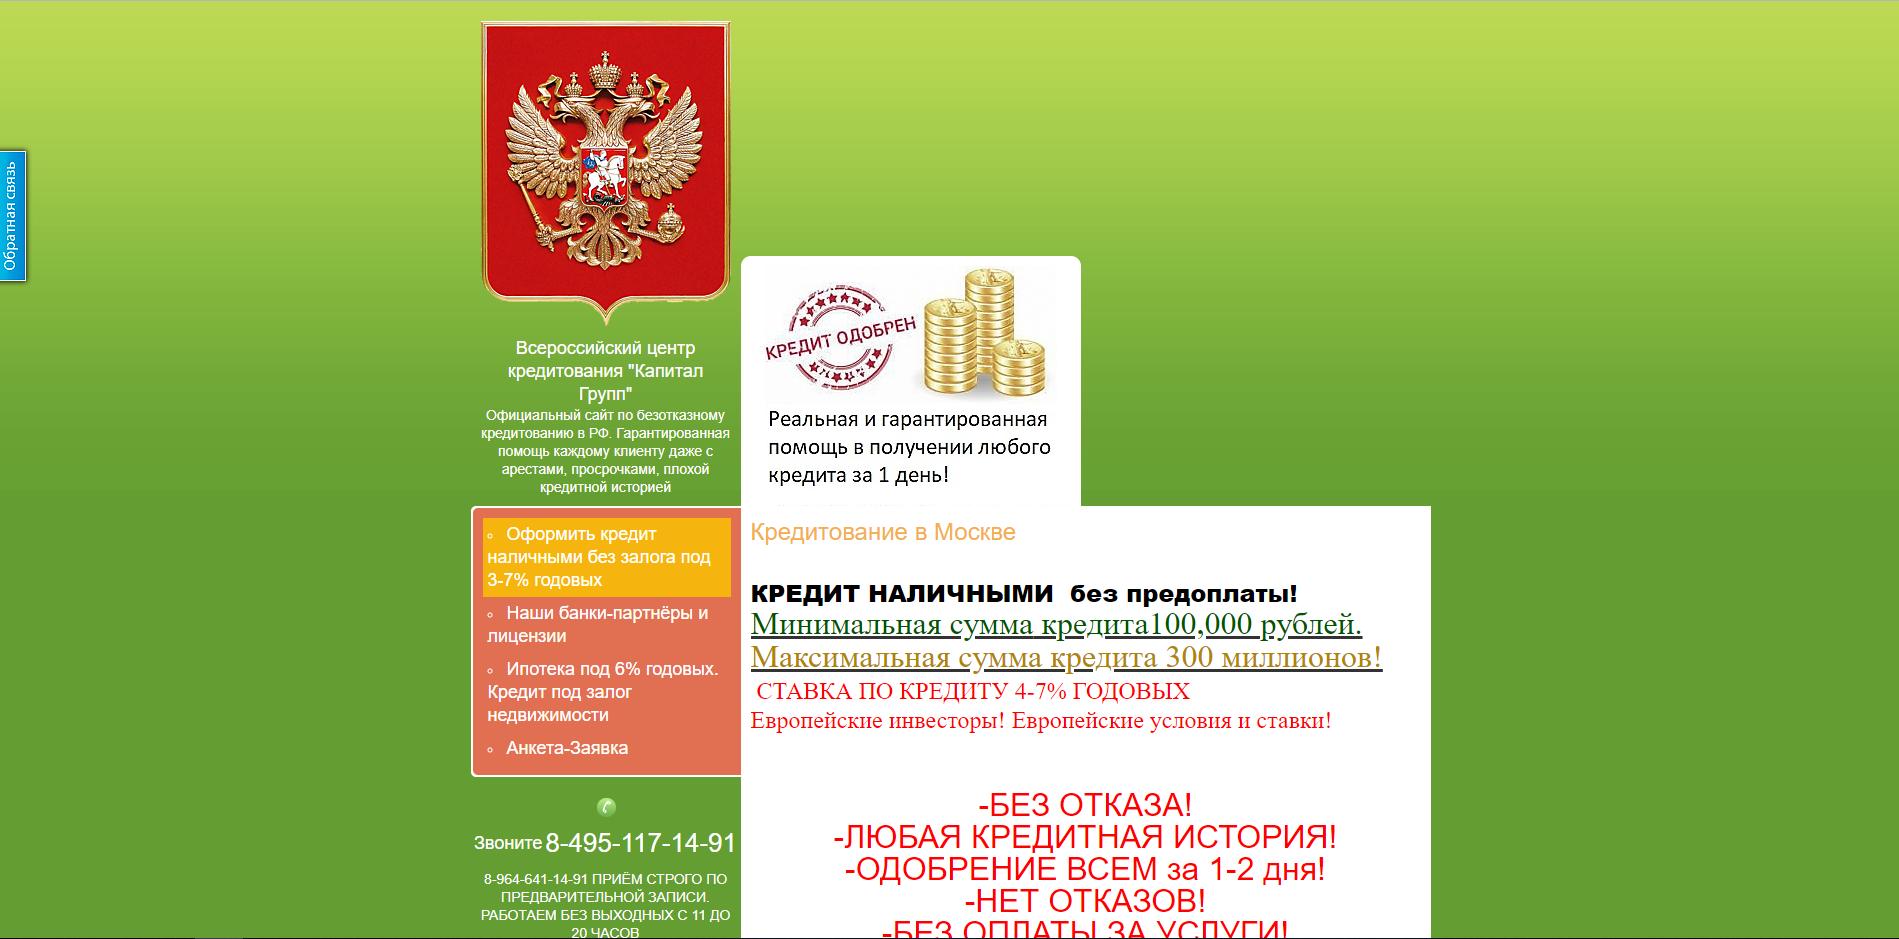 арбитражный суд г москвы схема проезда